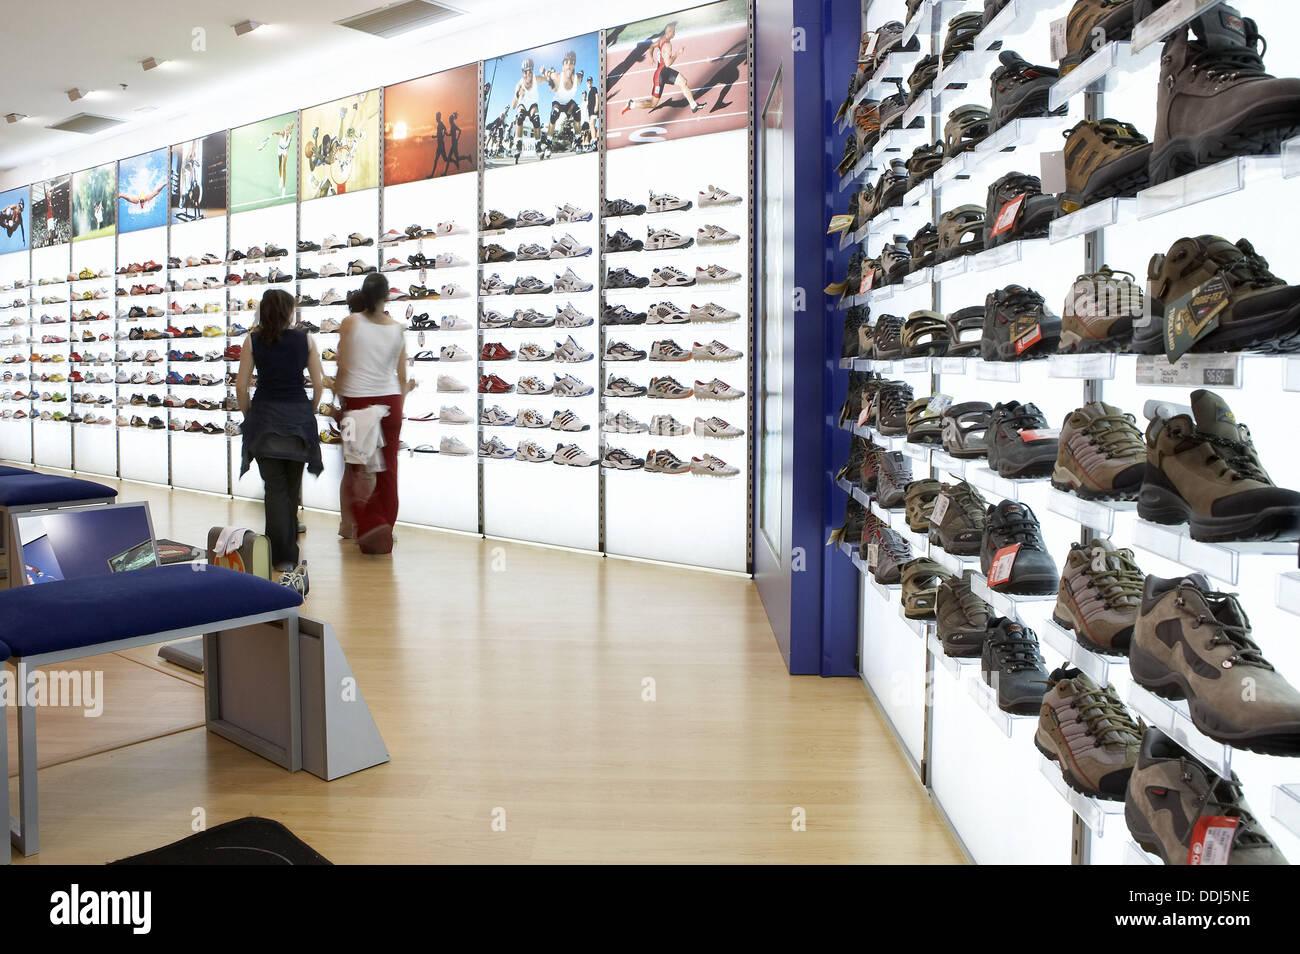 77f31f3ebb7f9 Calzature sportive nel negozio di scarpe